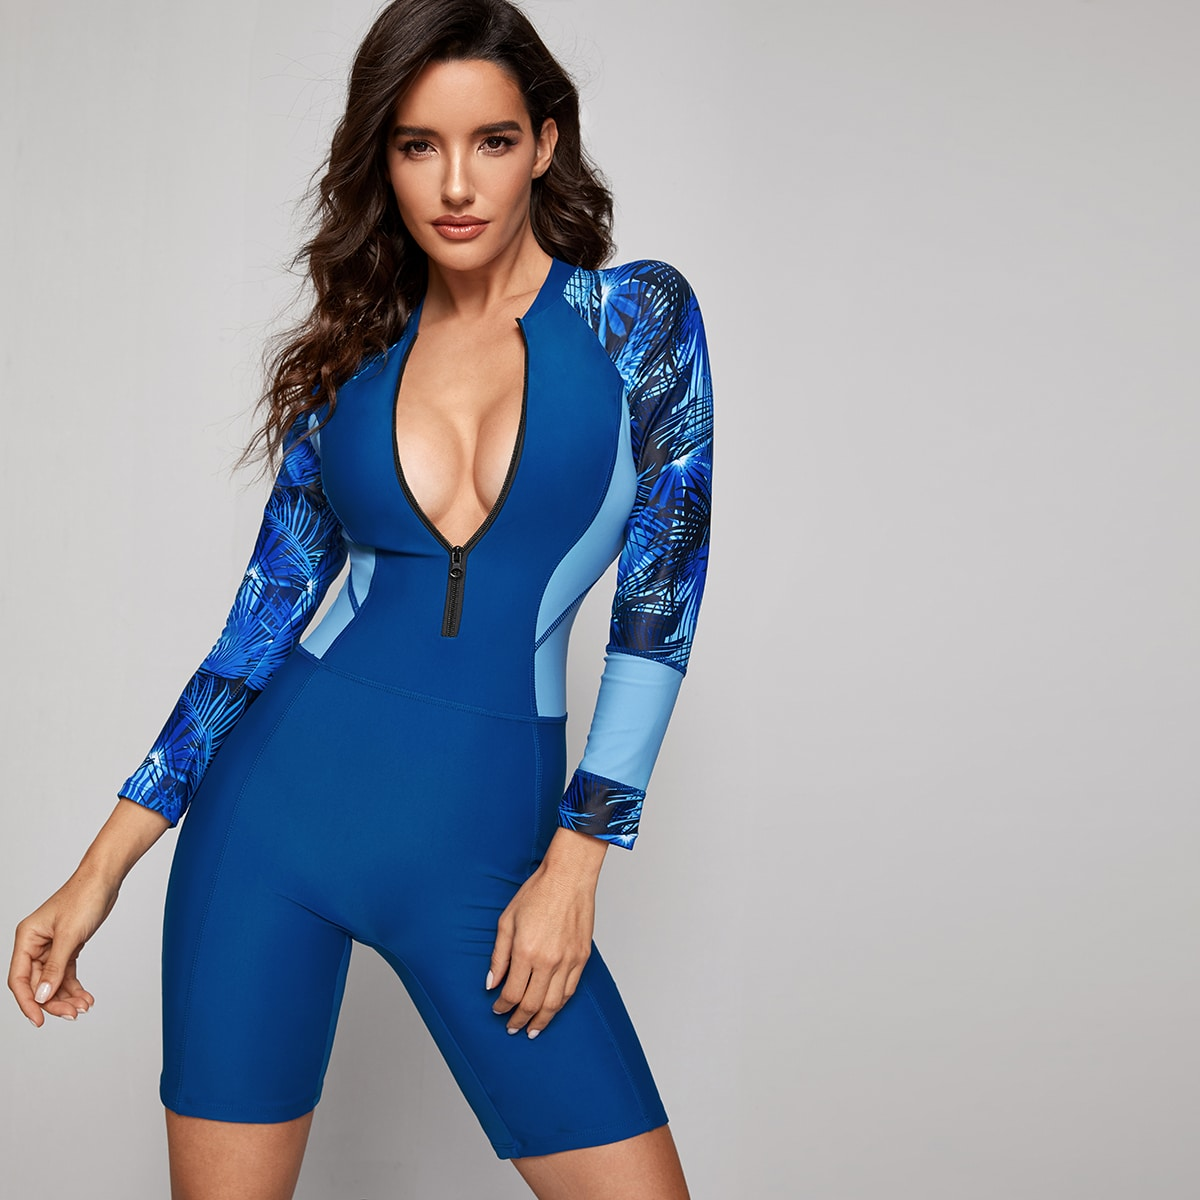 Tropical – Einteilige Badebekleidung mit Reißverschluss vorn und langen Ärmeln